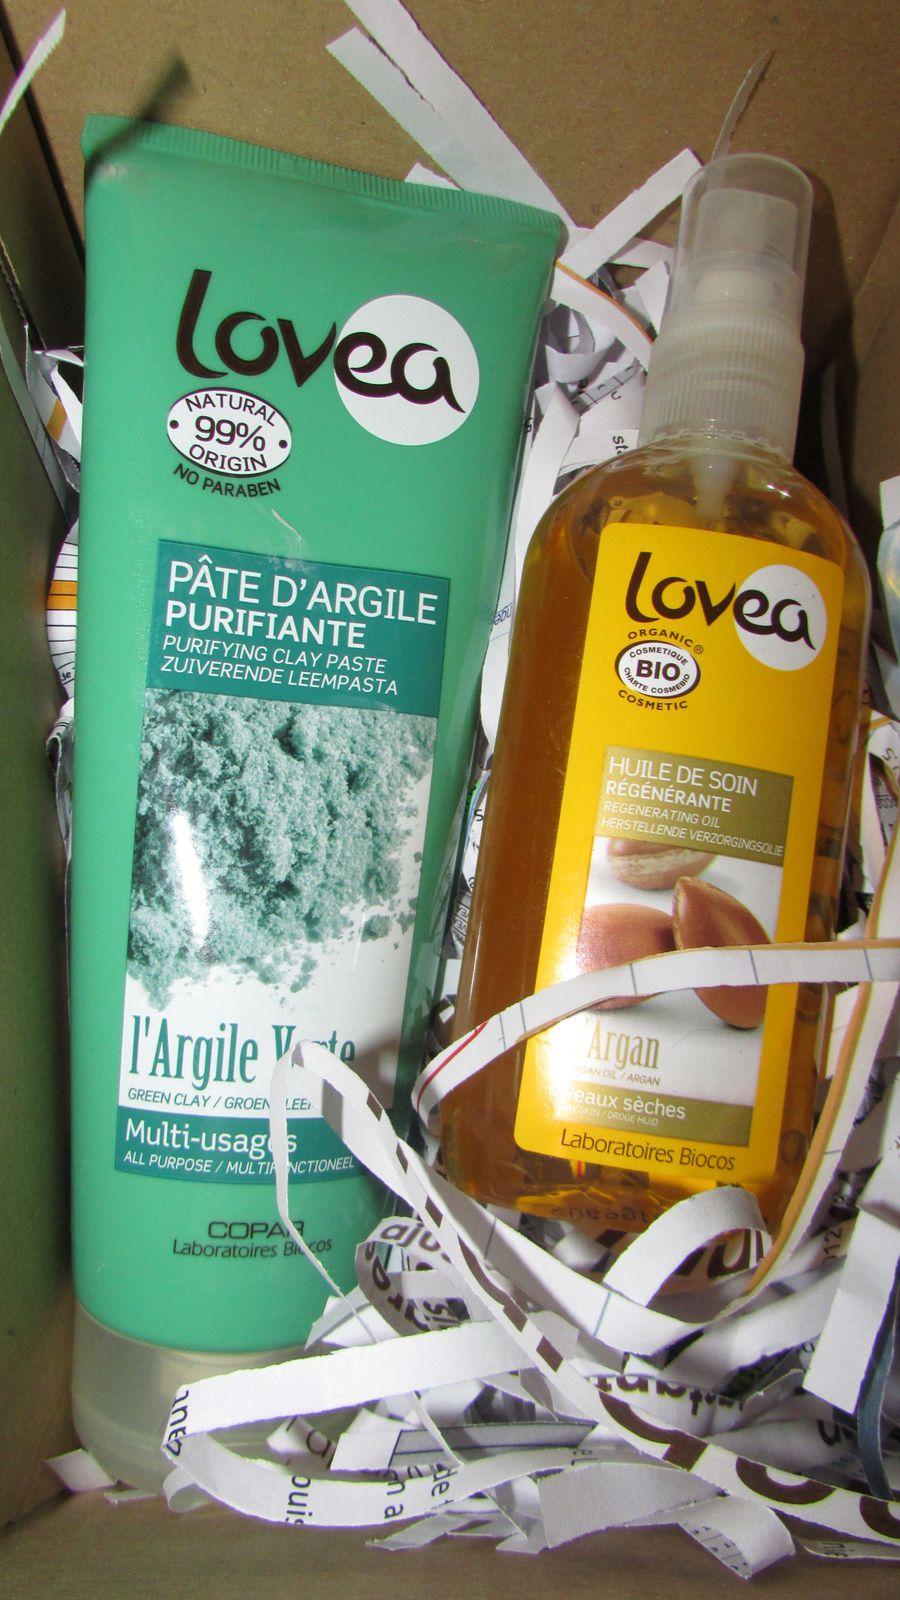 La marque Lovea m'a proposé de tester deux produits : La pâte d'argile purifiante :Argile Verte multiusages et l'huile de soin régénérant à l'Argan.